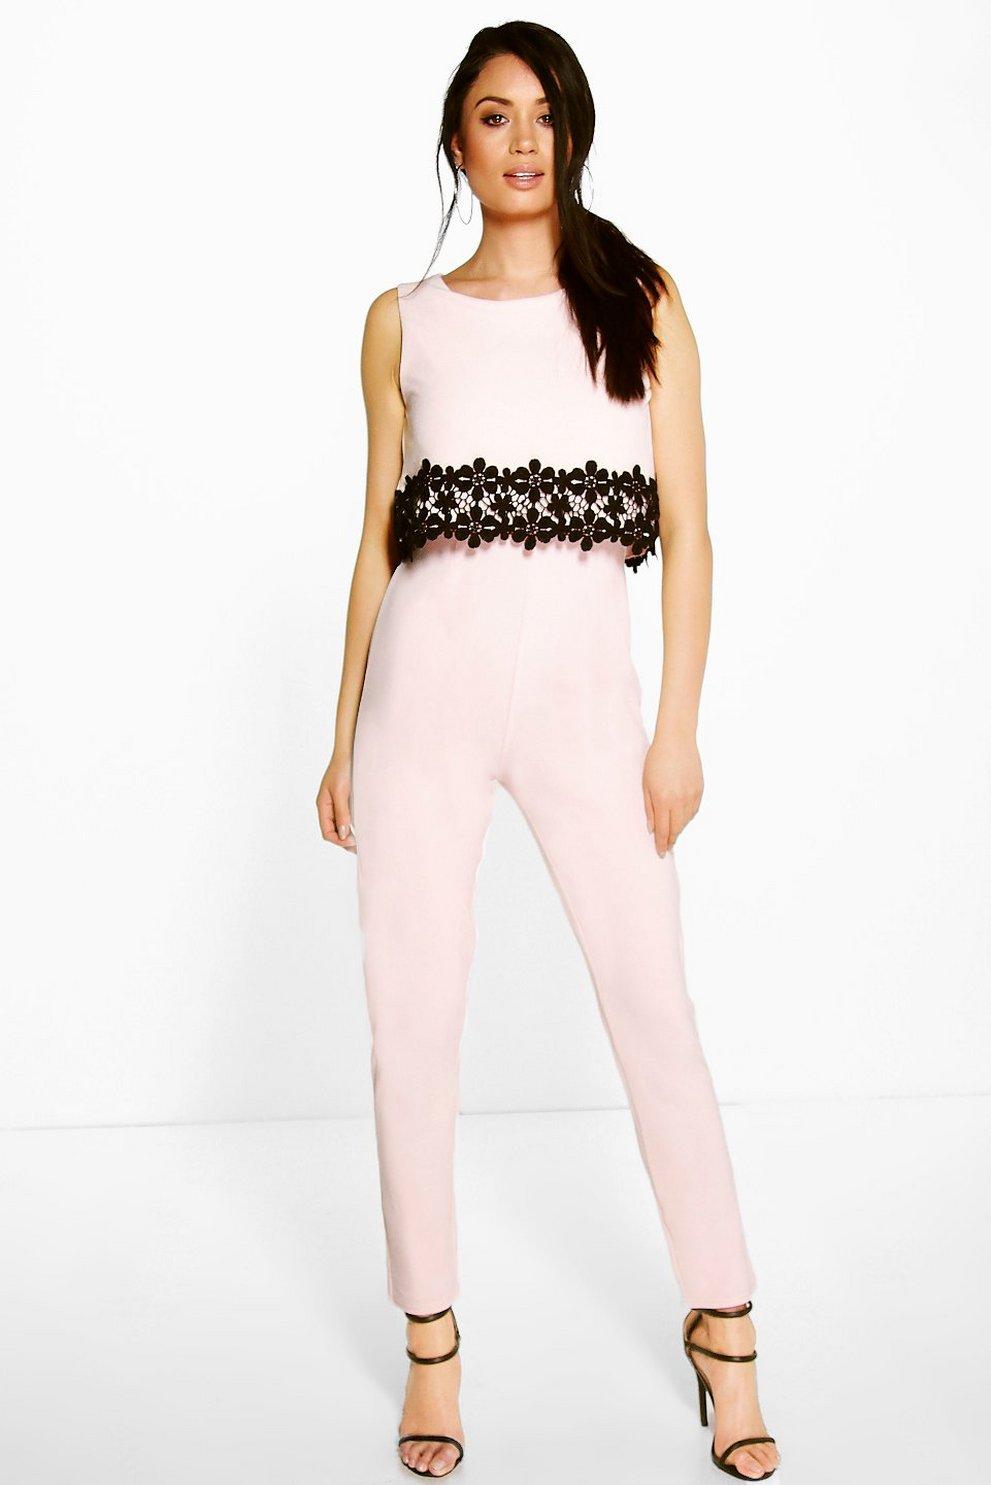 164cc7229c74 Lois Crochet Floral Trim Double Layer Jumpsuit